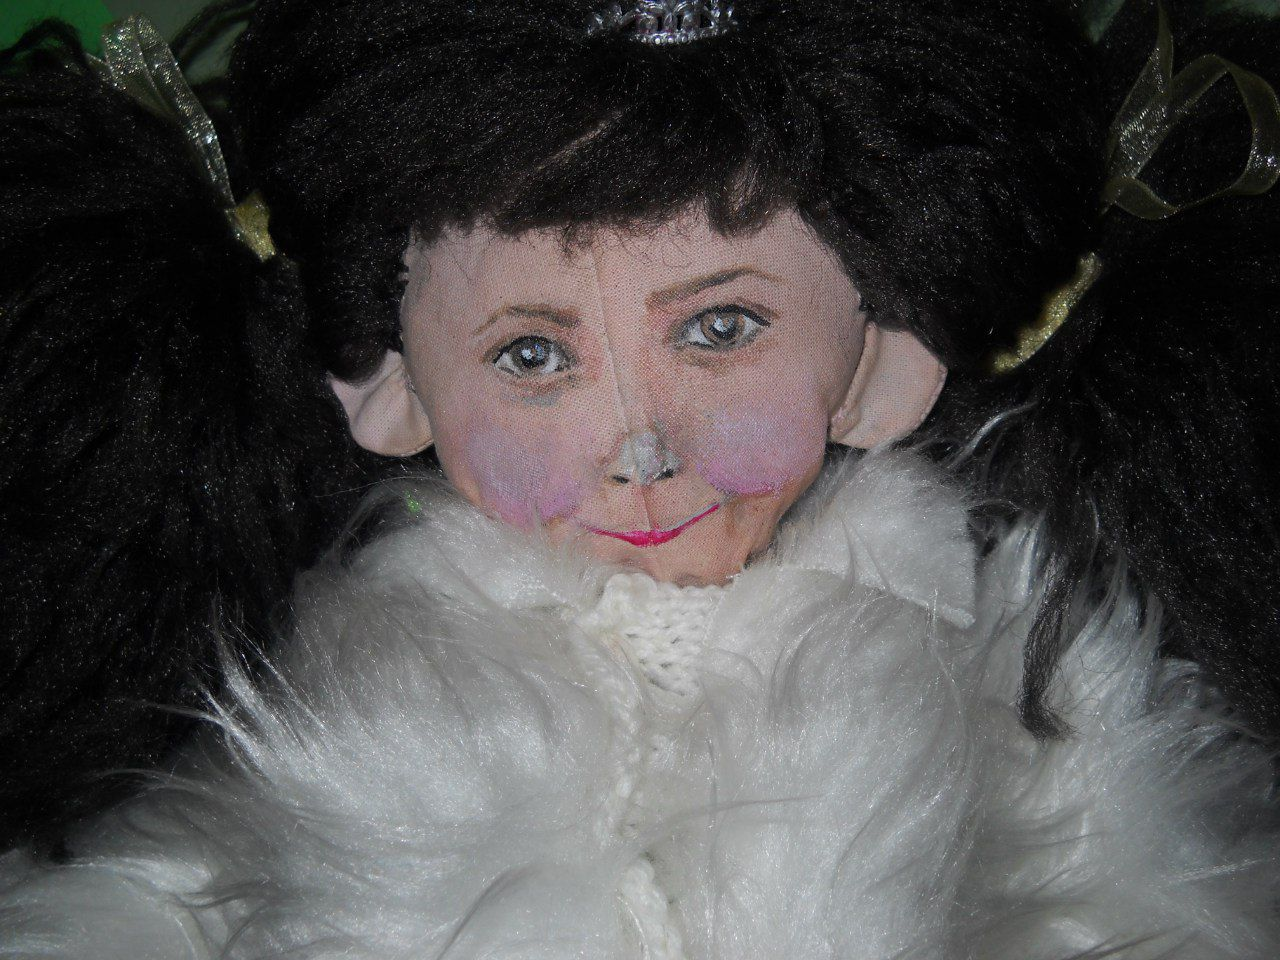 натуральные кружево текстильная кукла материалы подарок